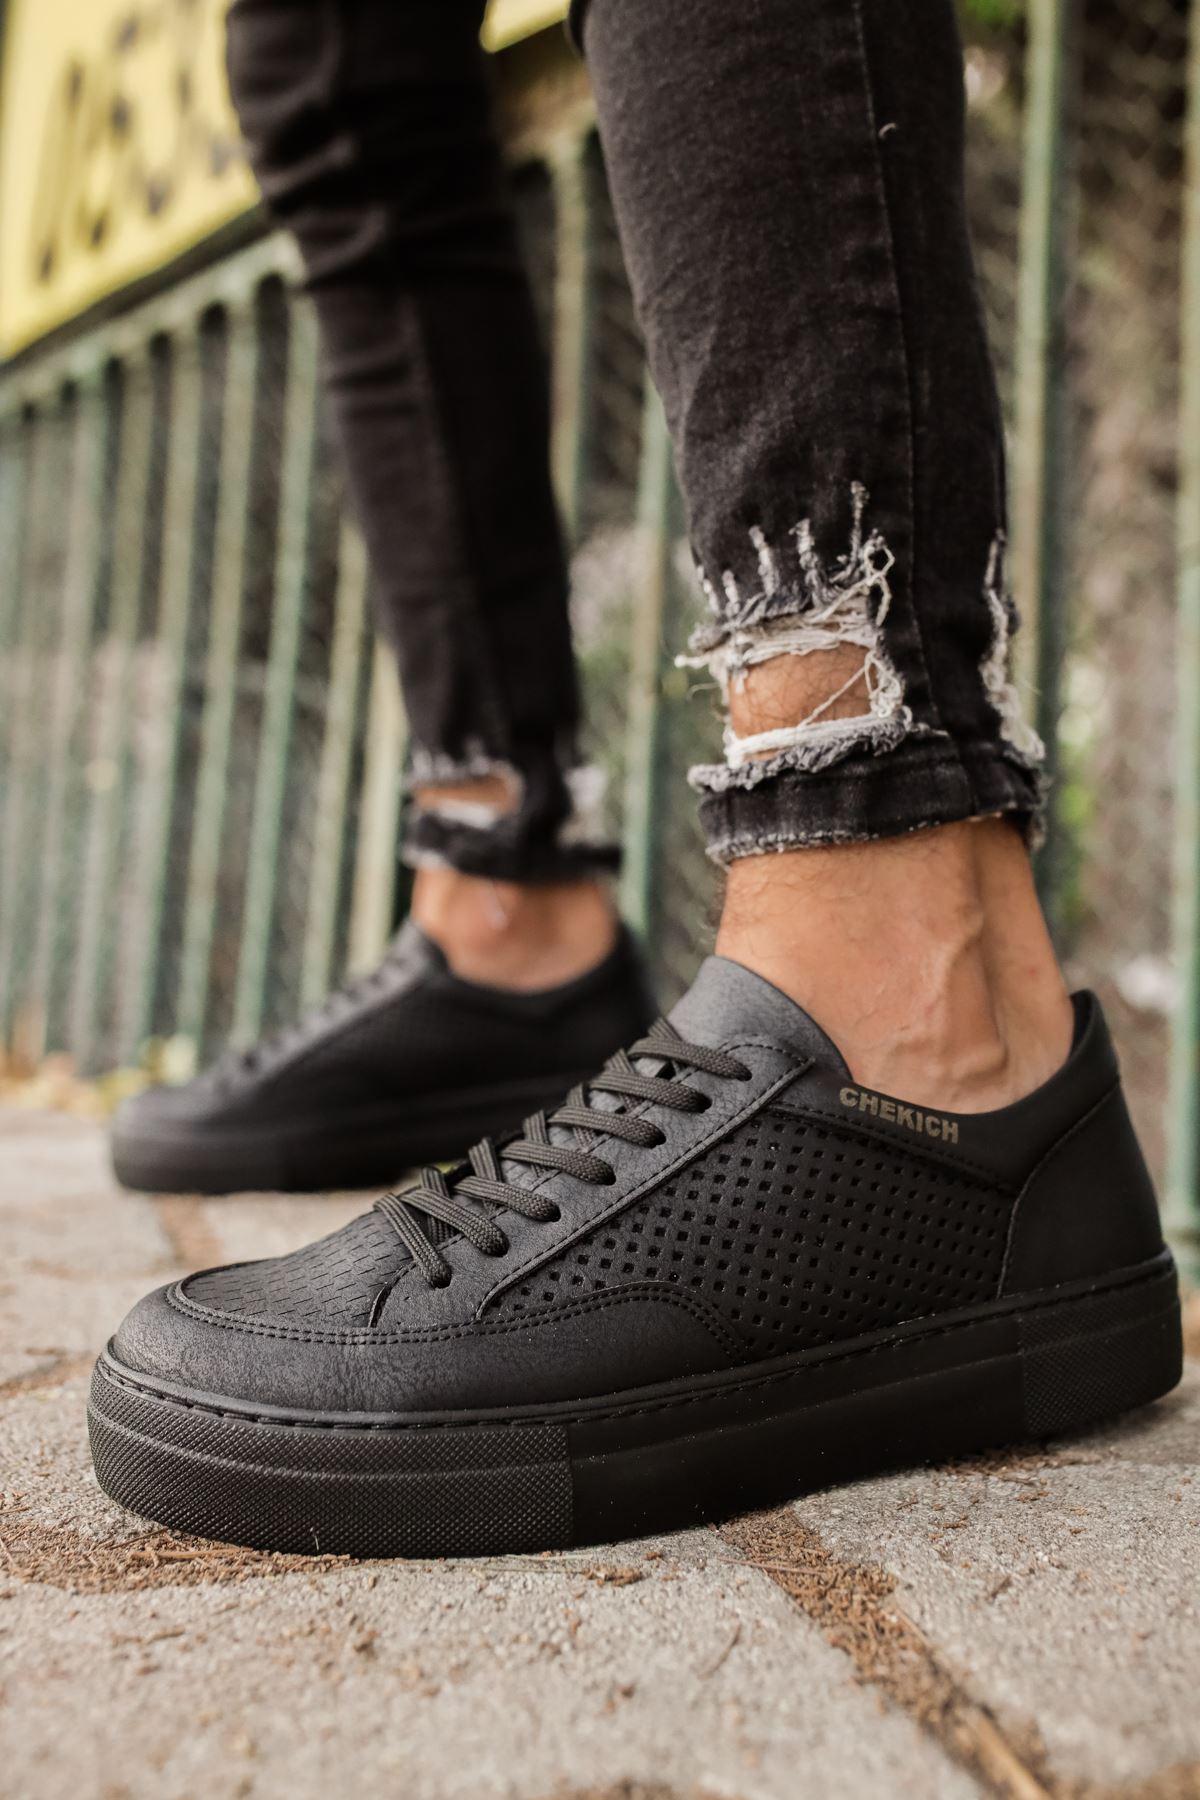 Men's Lace-up Black Shoes